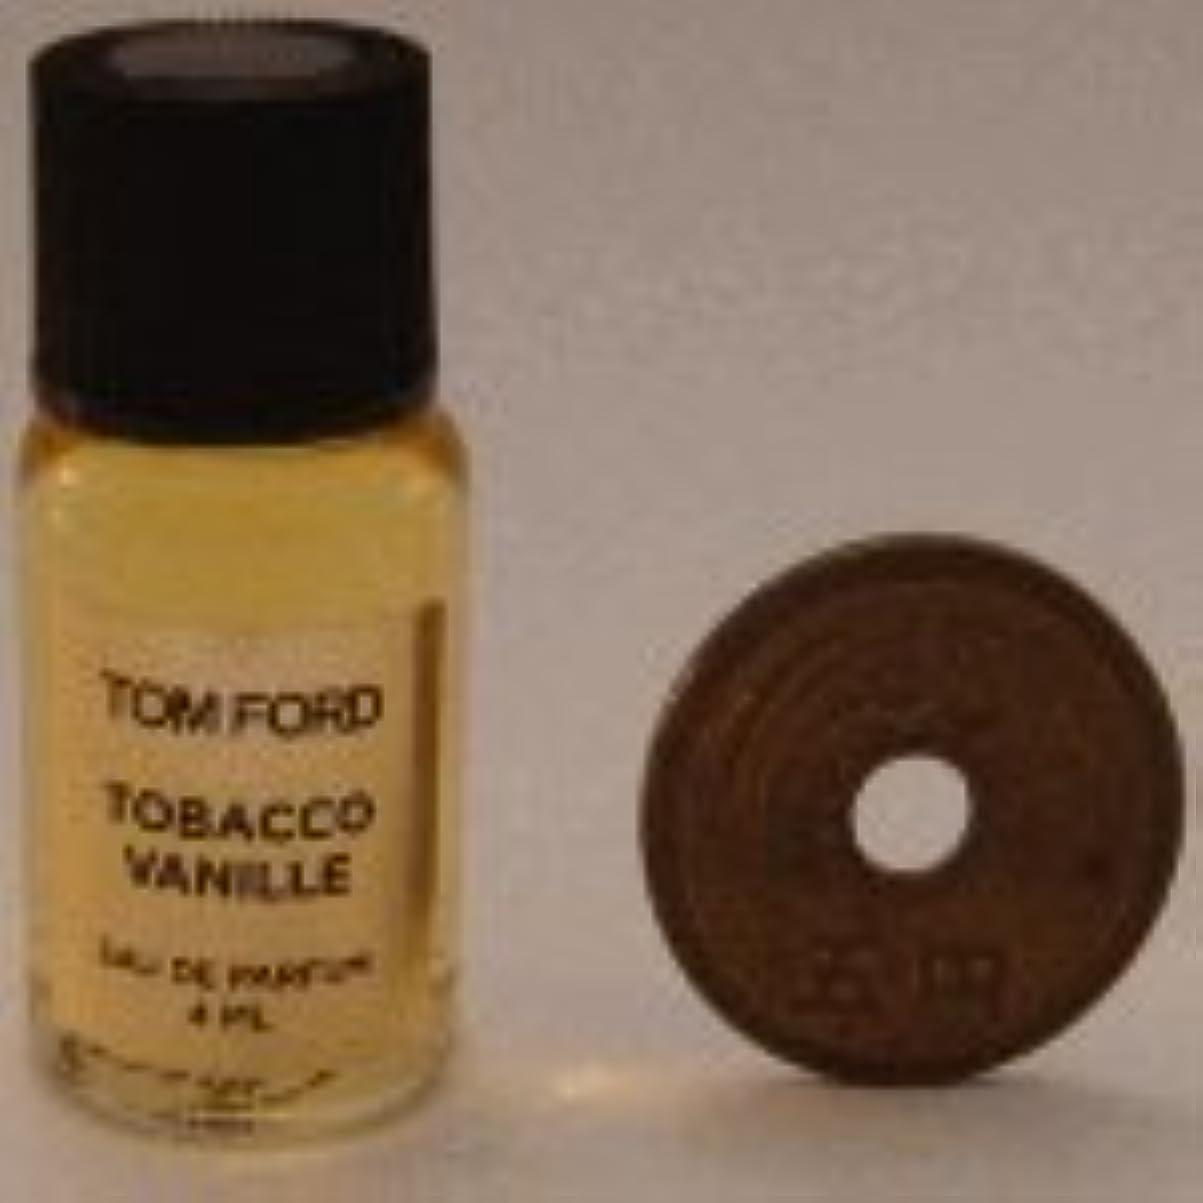 ぼんやりした無駄だ機械Tom Ford Private Blend 'Tobacco Vanille' (トムフォード プライベートブレンド タバコバニラ) 4ml EDP ミニボトル (手詰めサンプル)